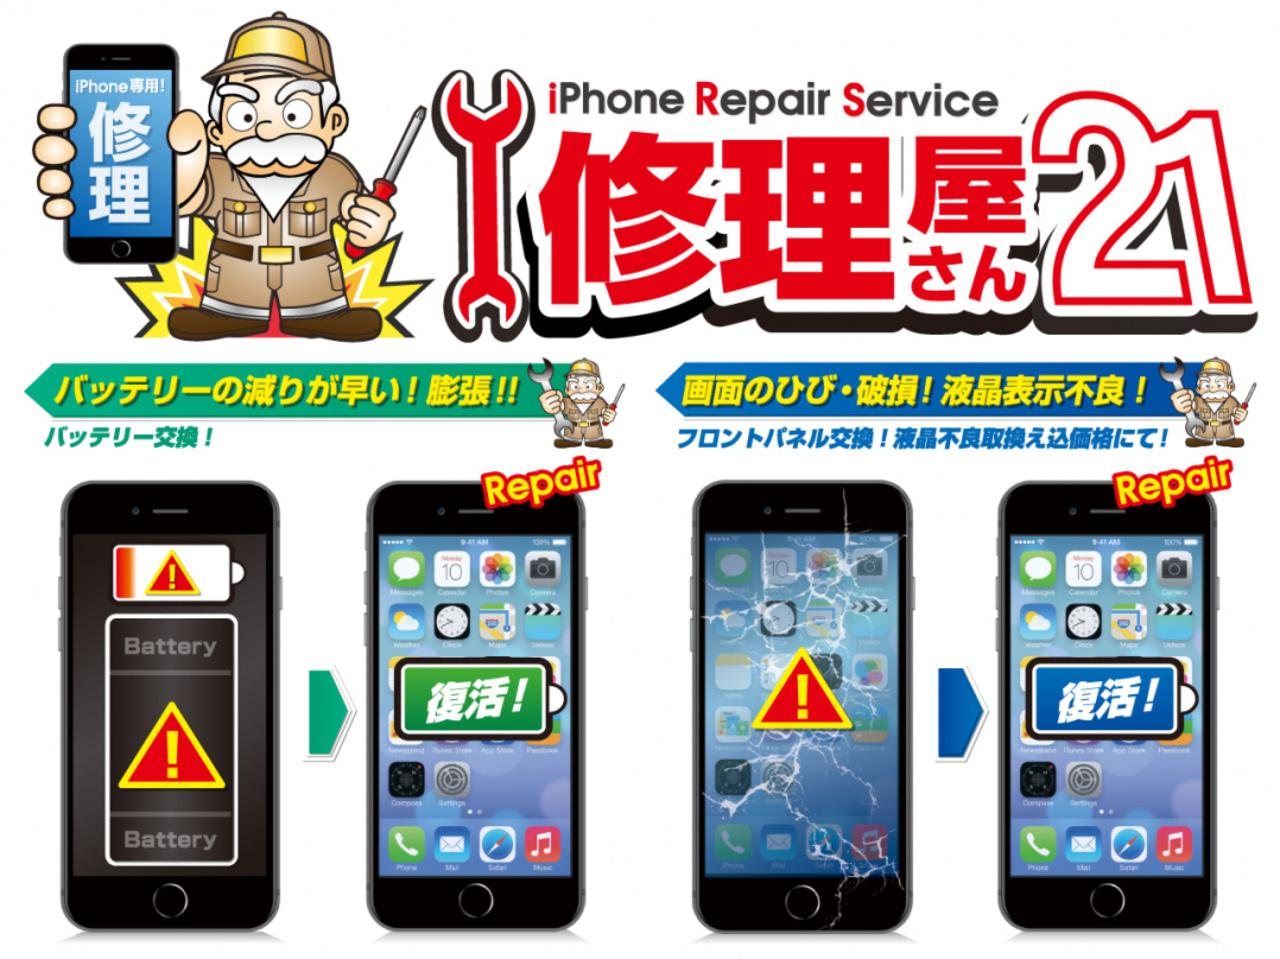 【はんこ屋さん21 三宮店】iPhone修理サービスの受付スタートしました